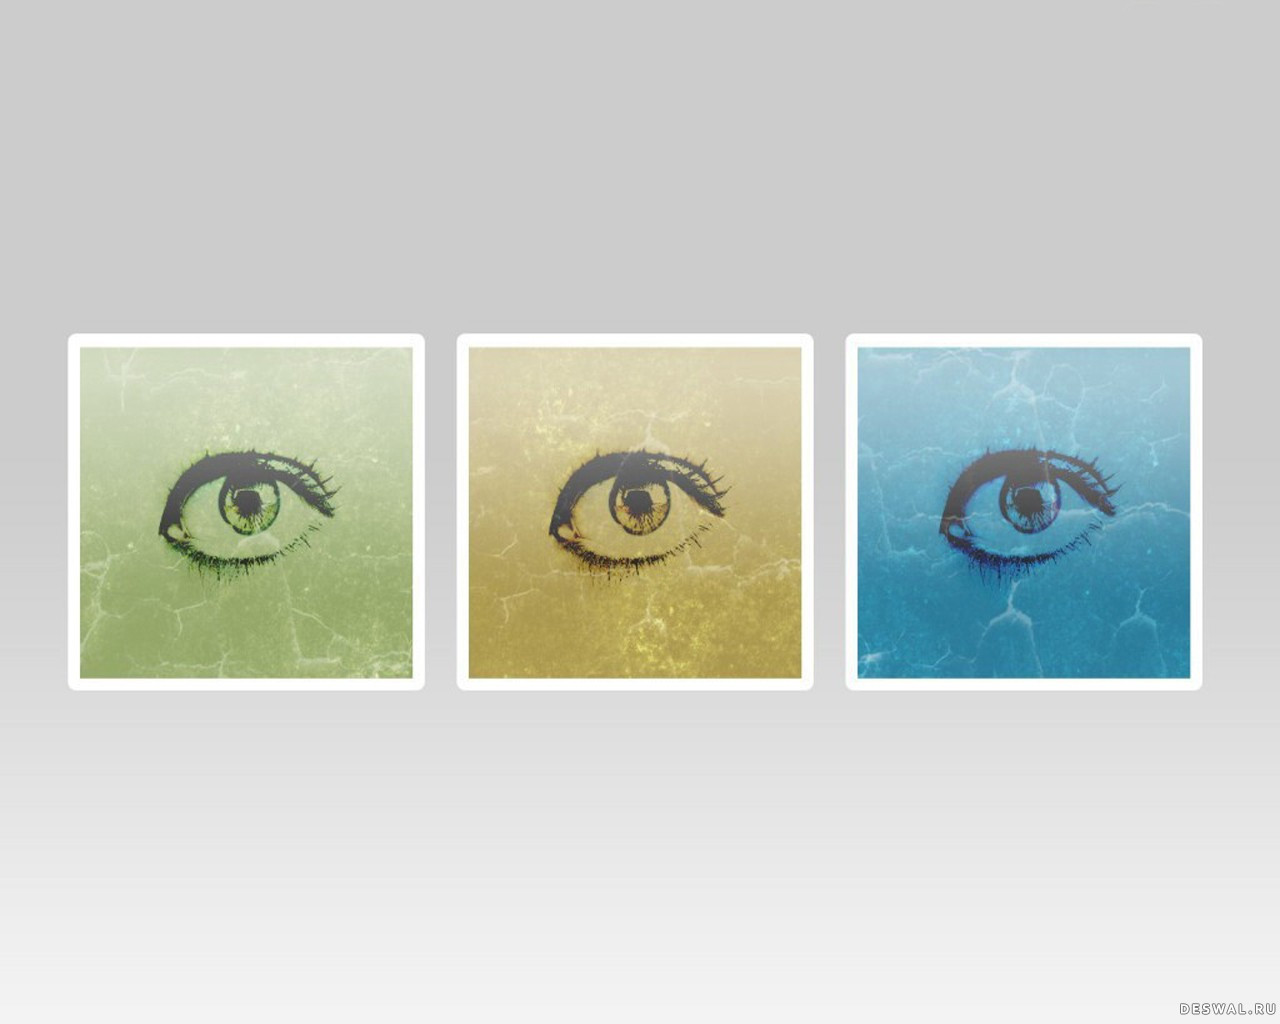 Фото 15.. Нажмите на картинку с обоями глаз, чтобы просмотреть ее в реальном размере